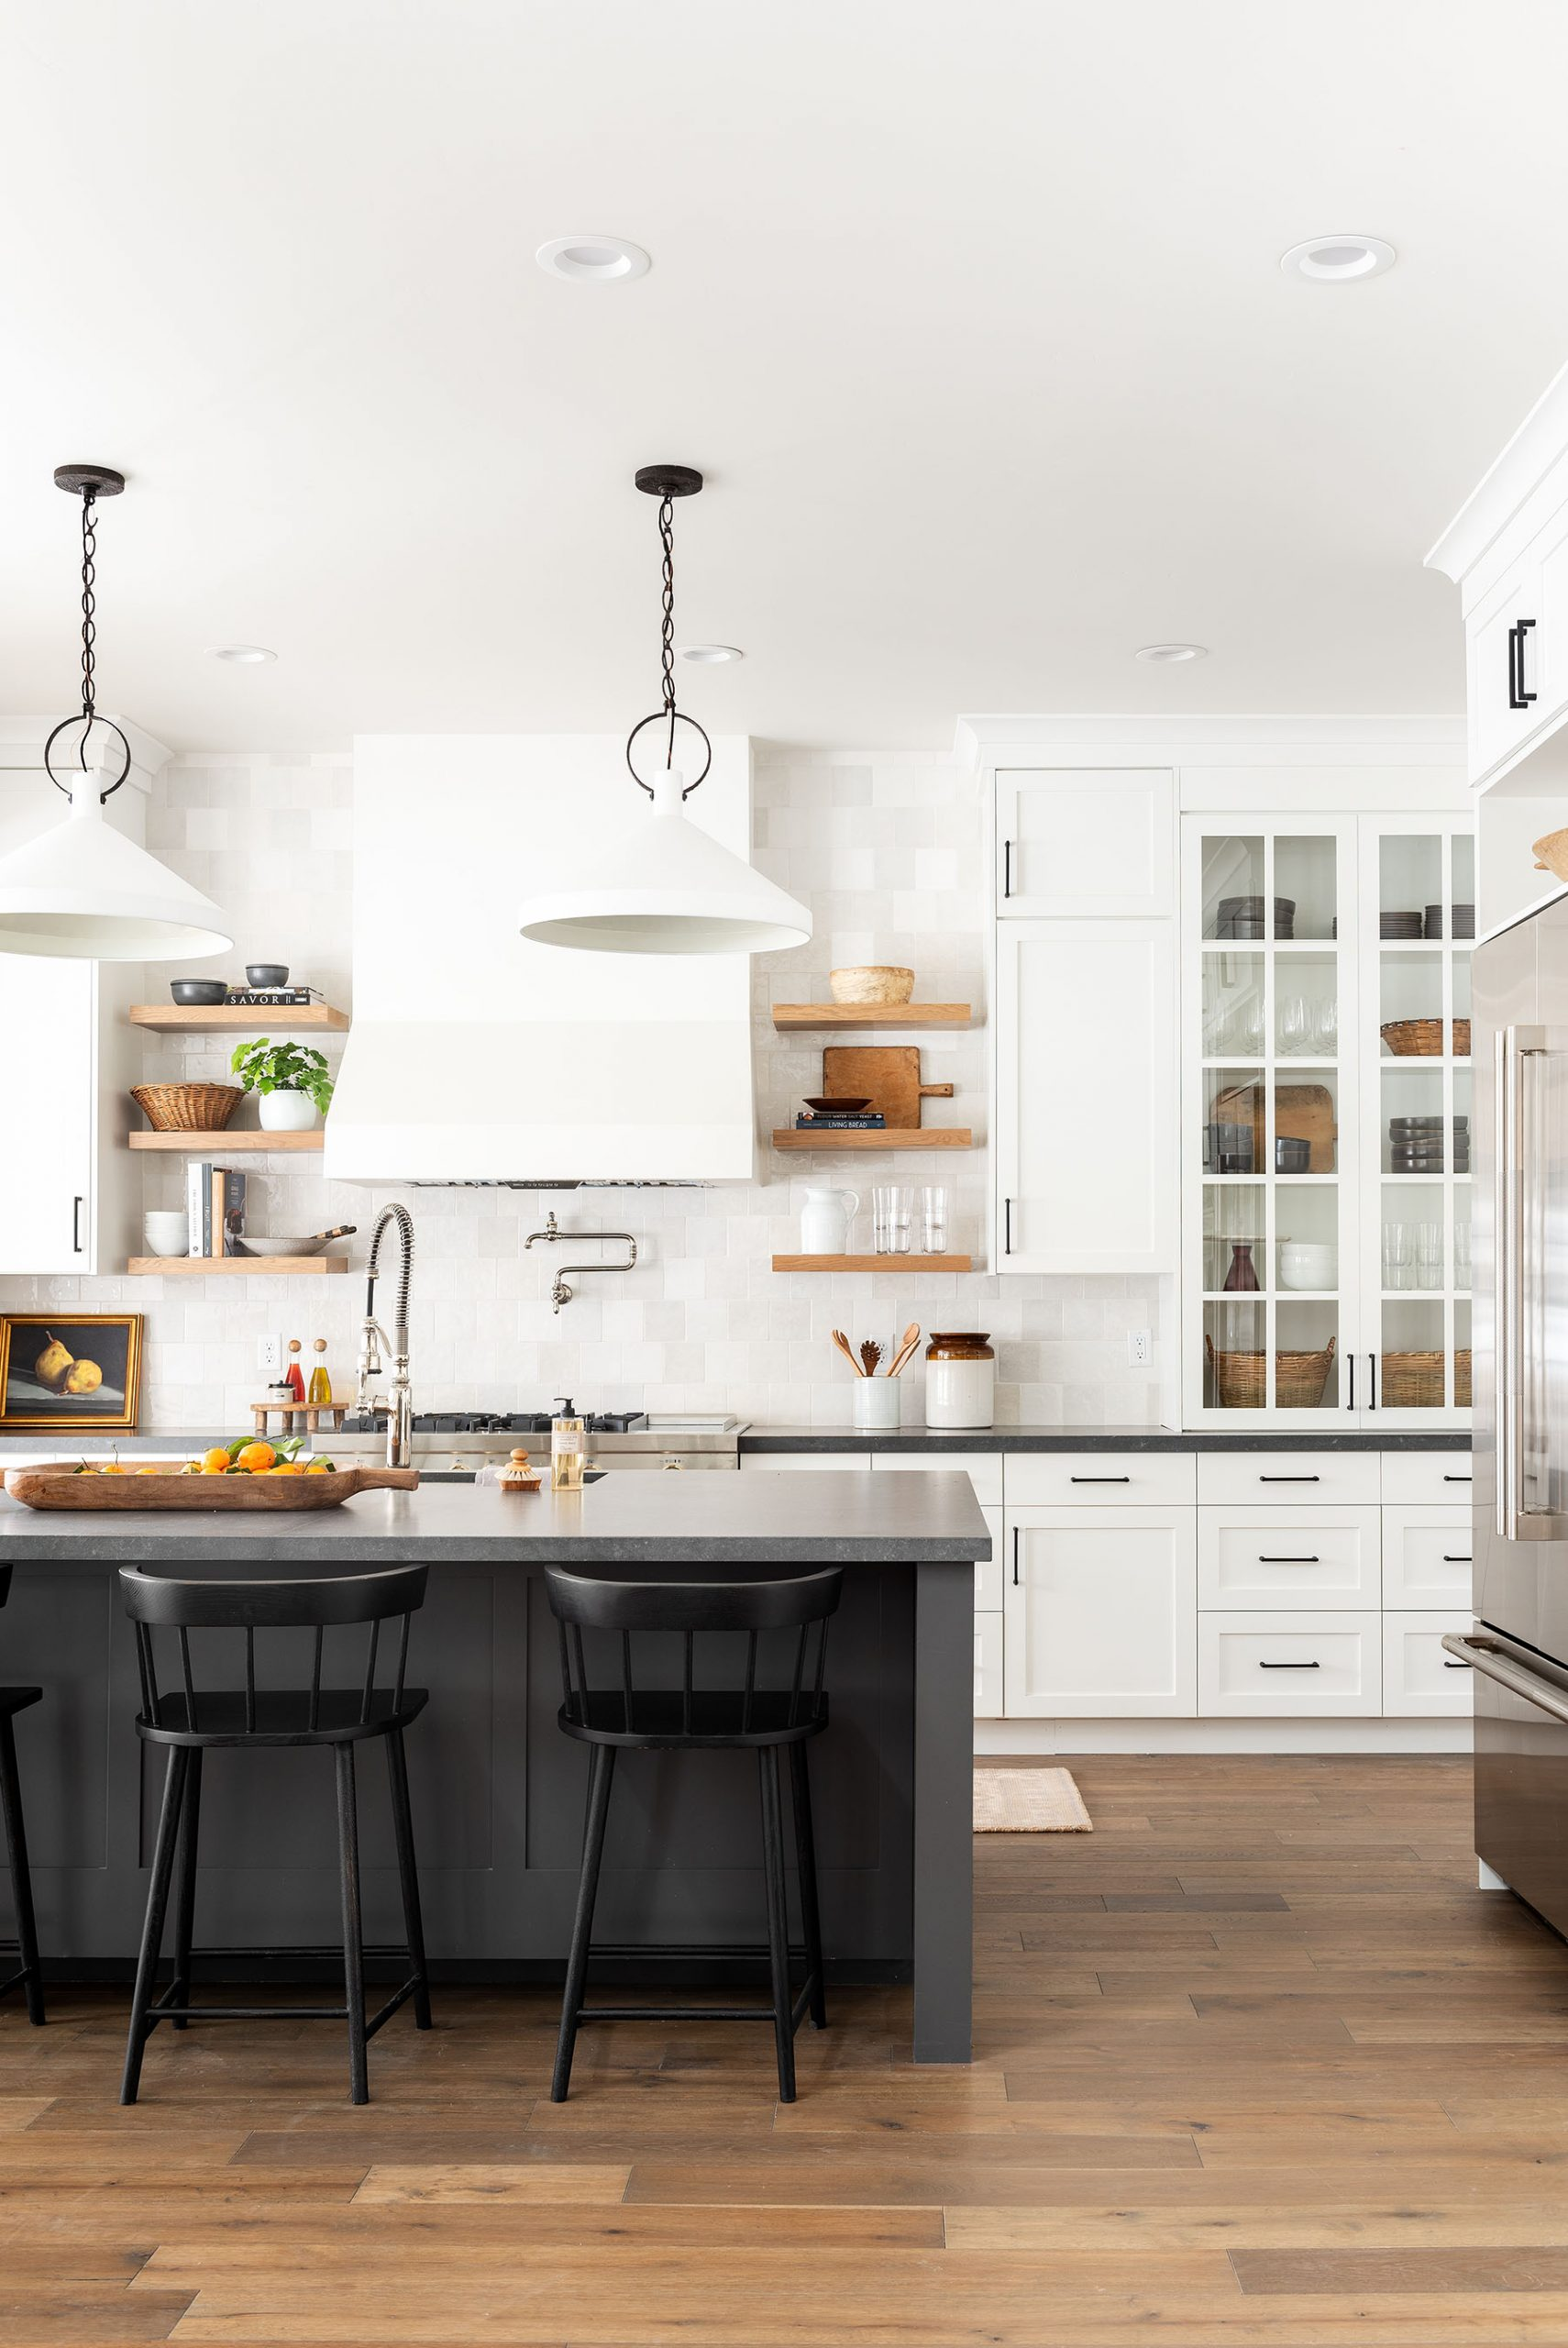 7 Tips for Home Lighting